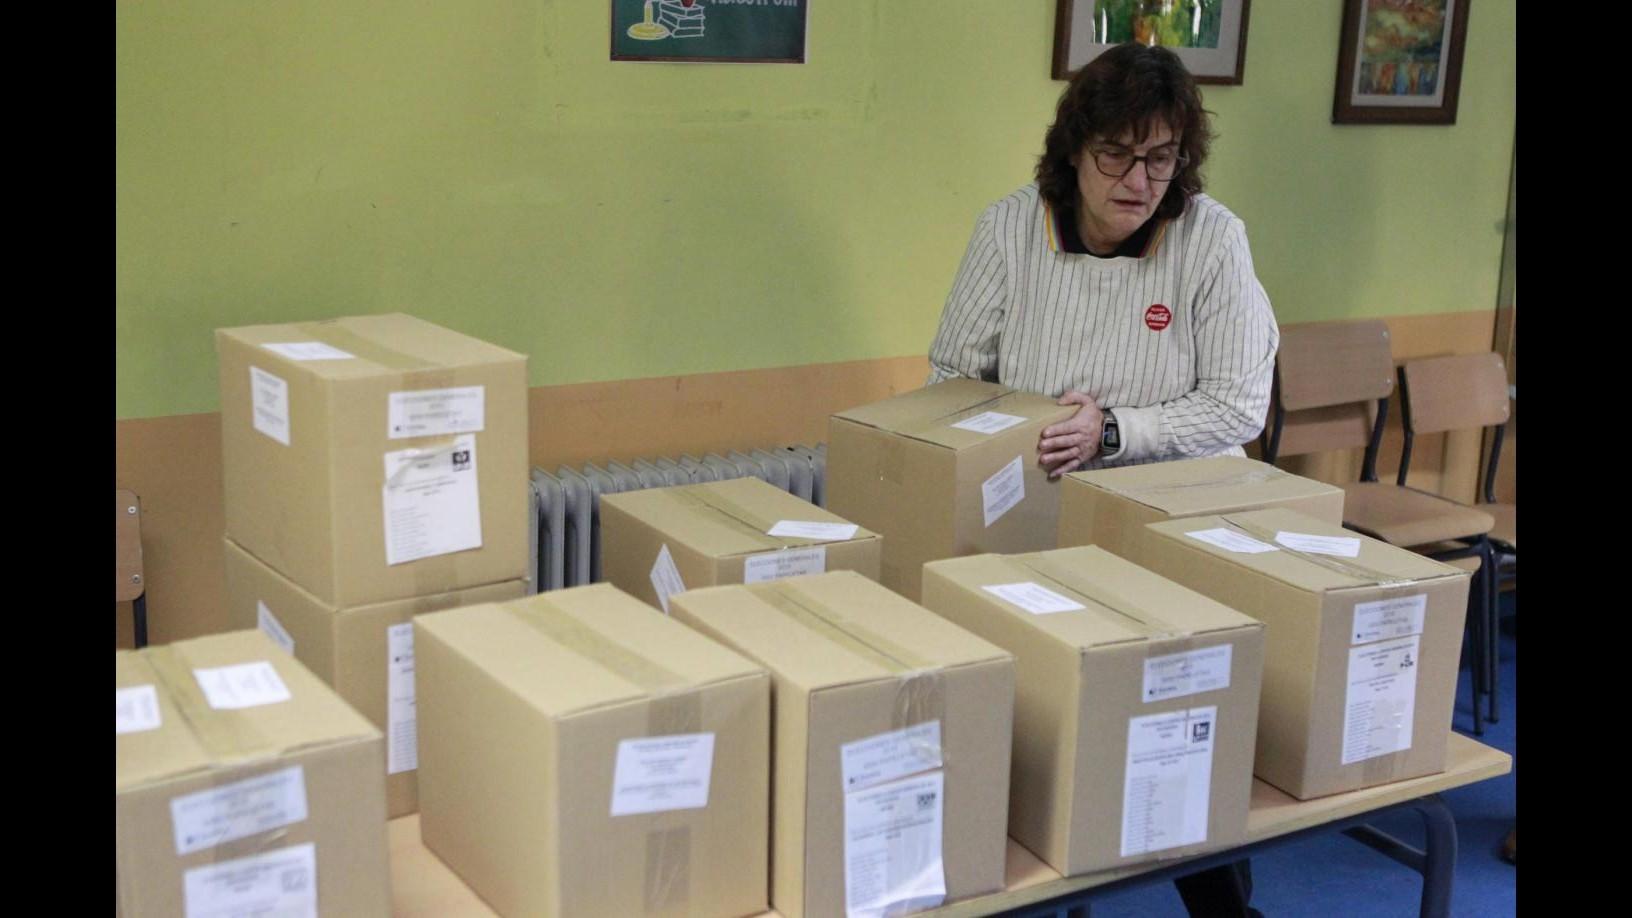 Spagna, oggi silenzio elettorale: domani al voto 36,5 milioni cittadini